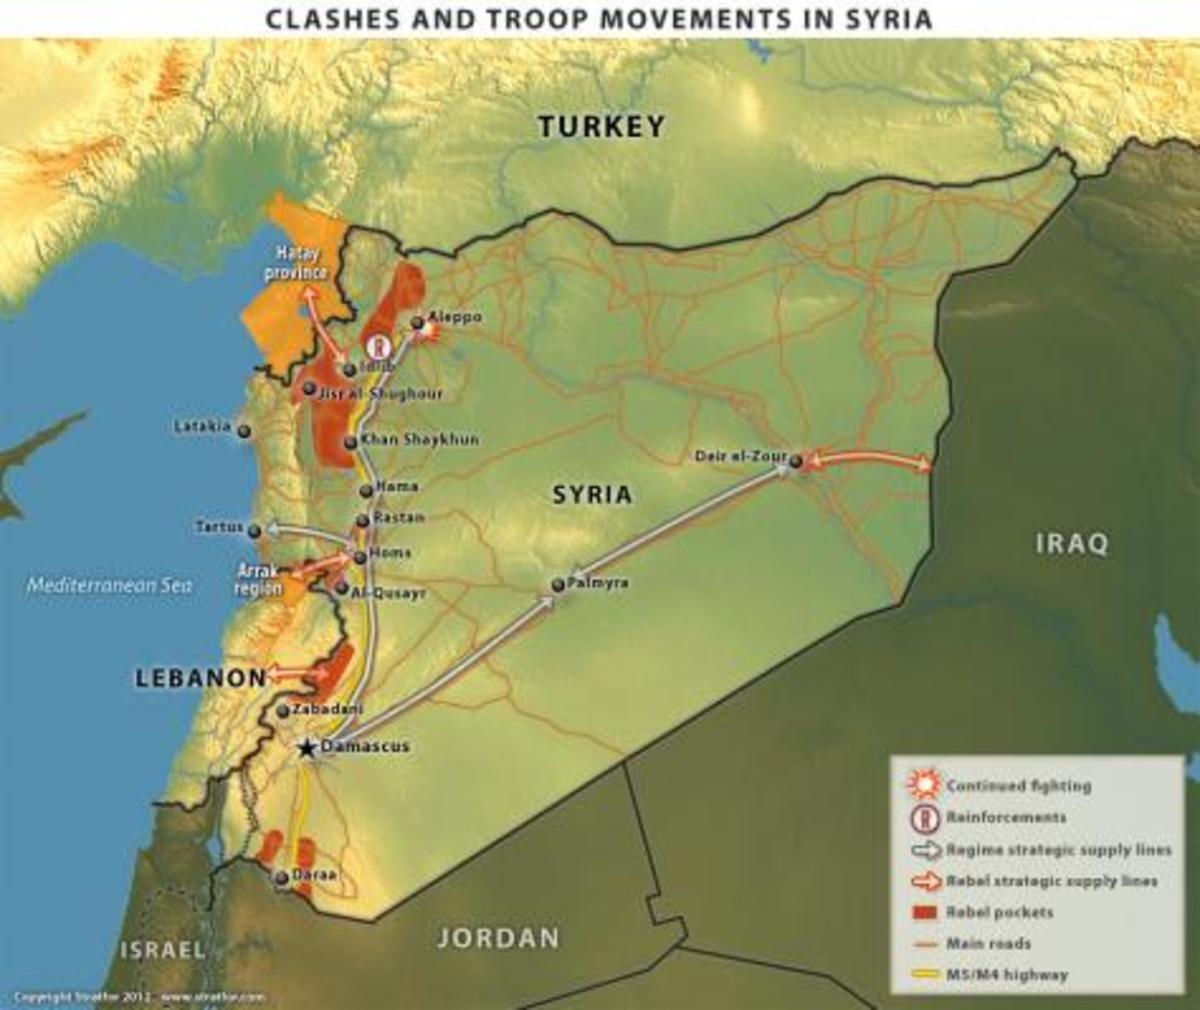 Τι θα γίνει στη Συρία; Η ελληνική εκτίμηση που καθορίζει τη στάση της κυβέρνησης   Newsit.gr